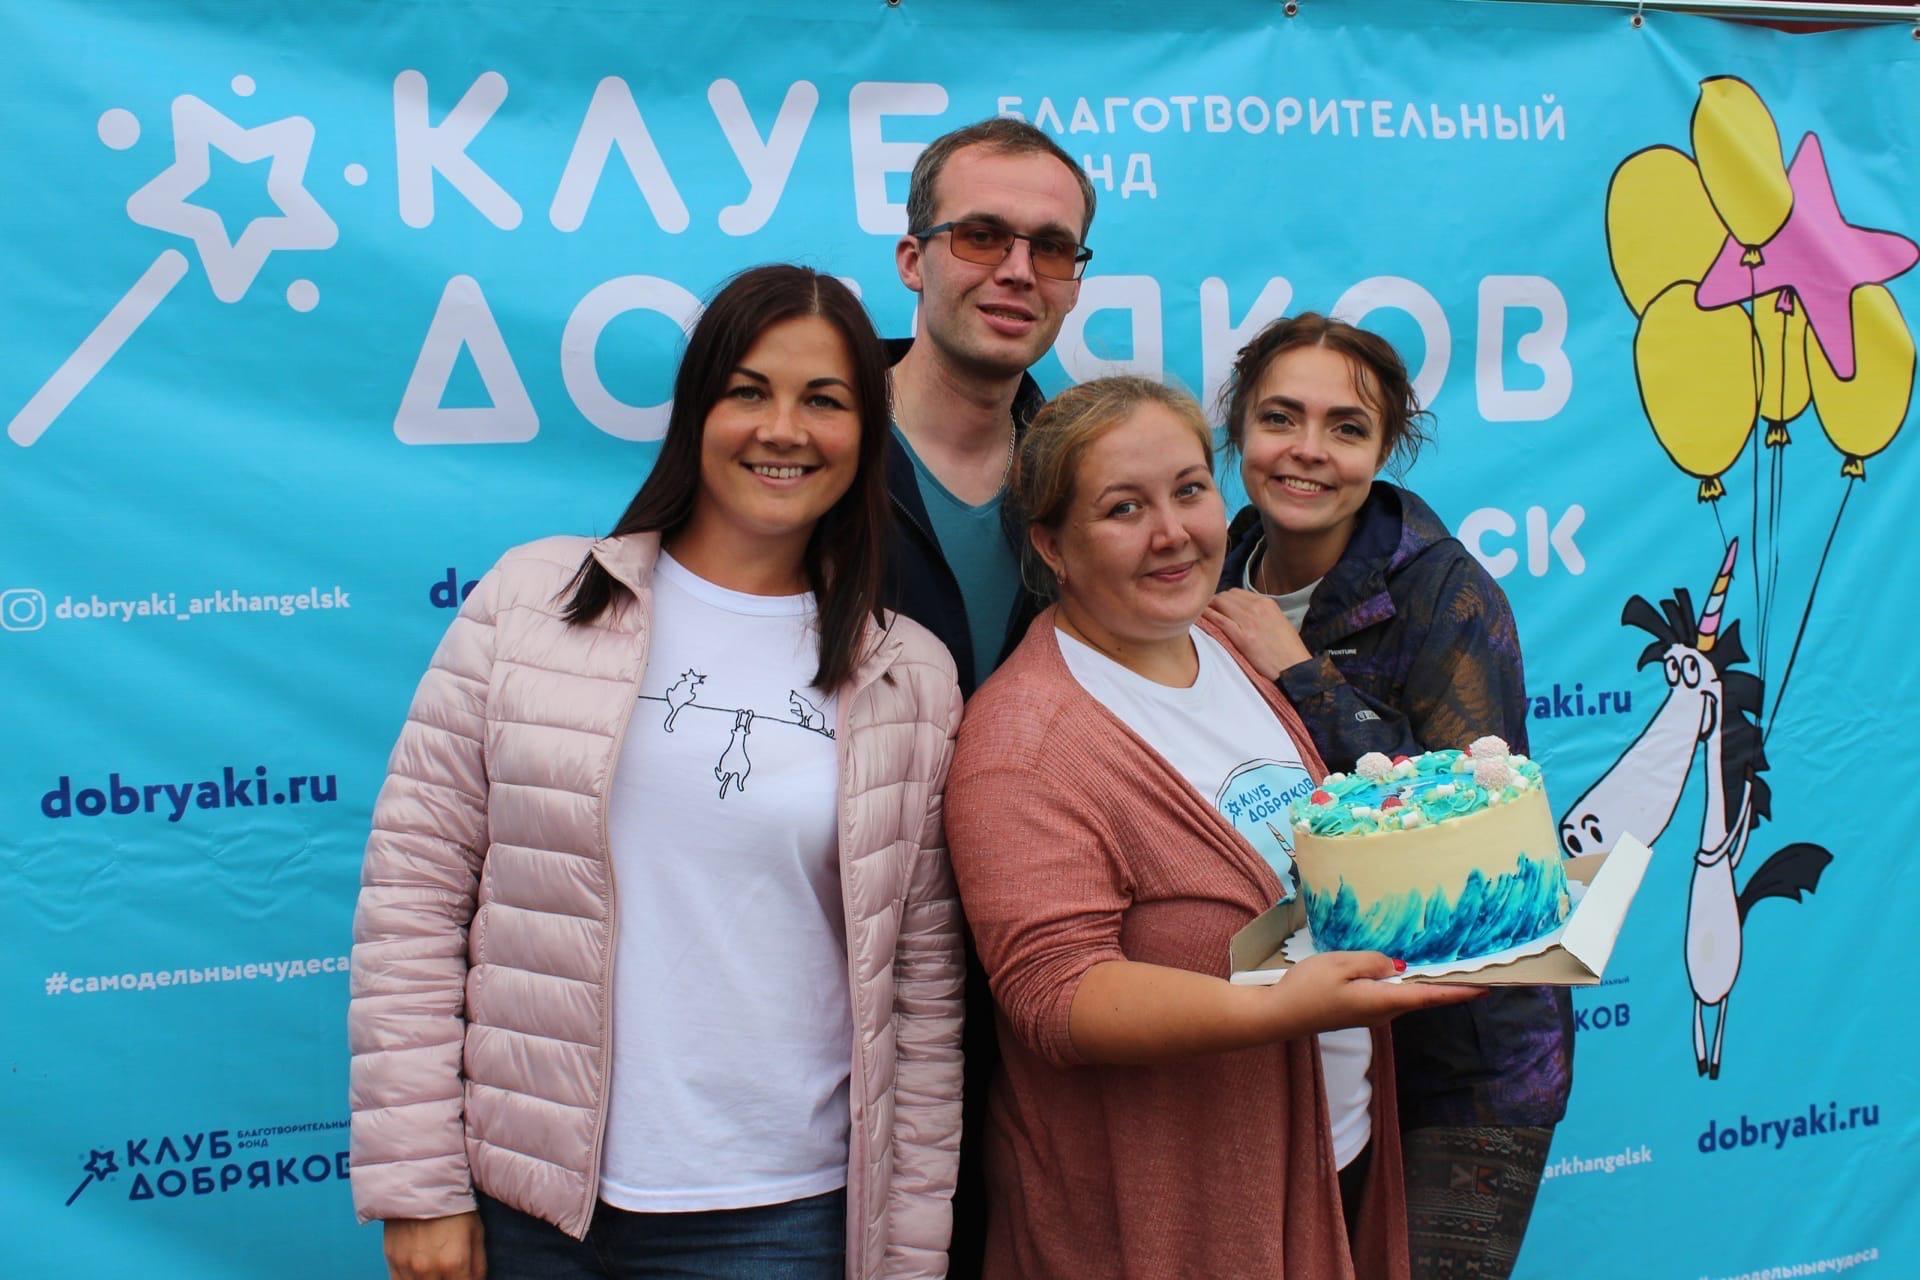 Архангельские добряки отпраздновали первый день рождения отделения